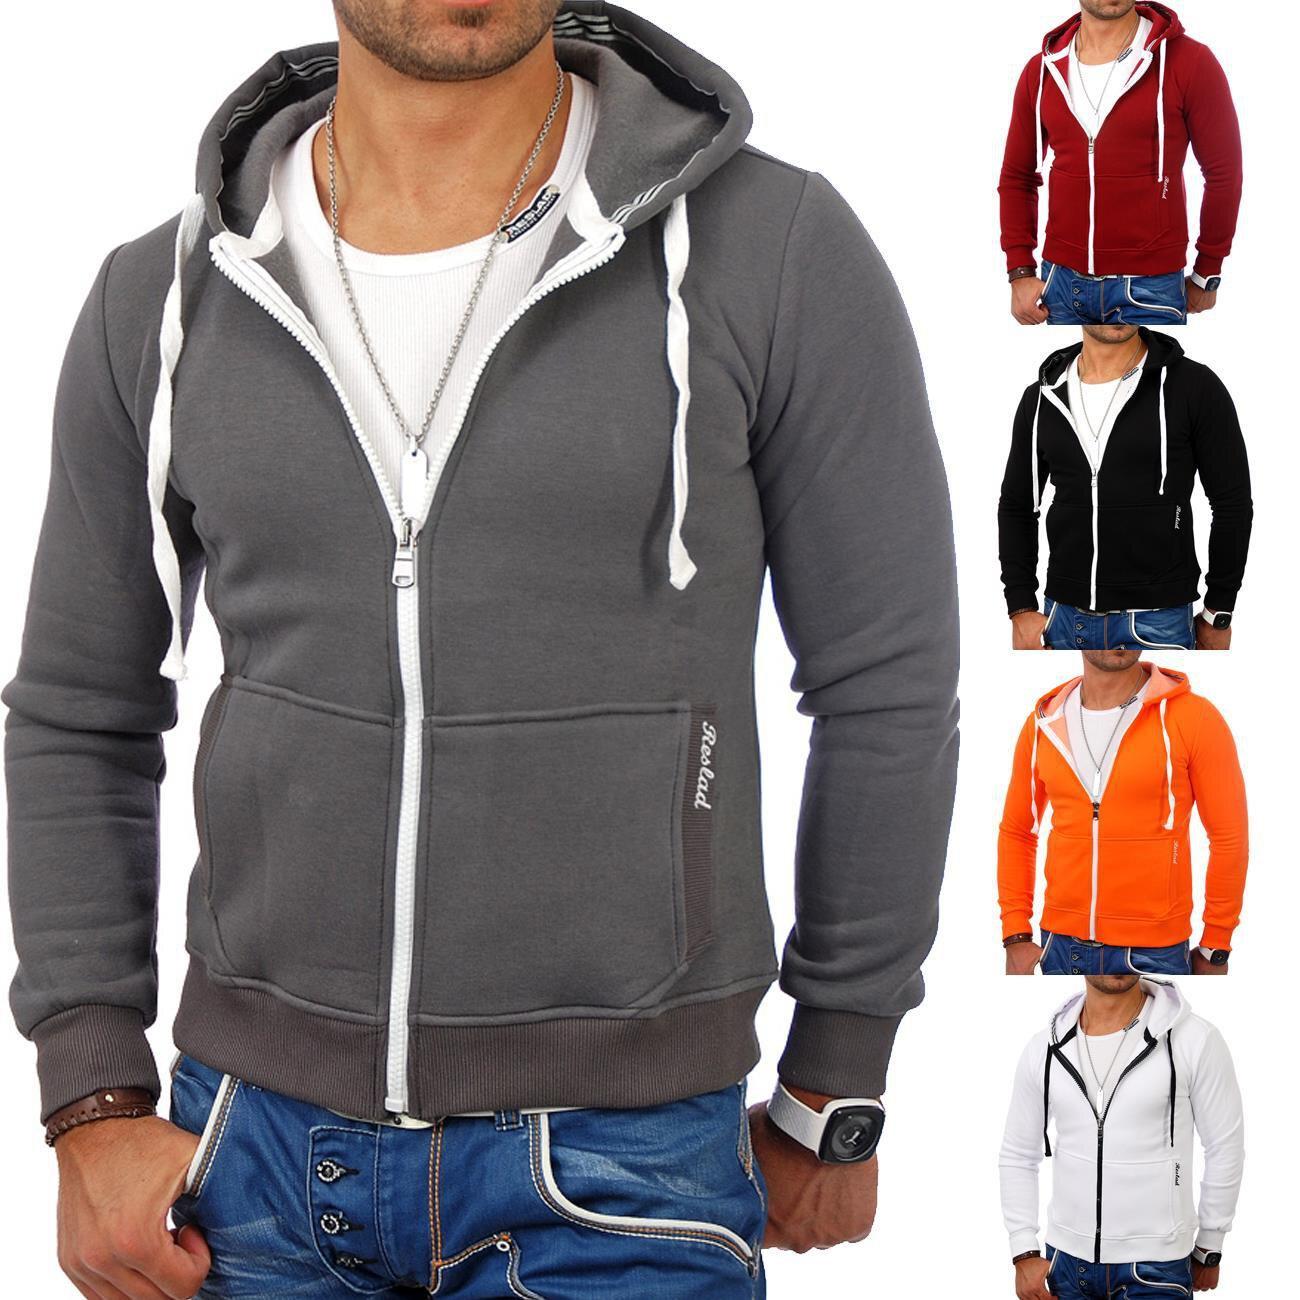 1c0969c947ff Reslad Sweatjacke RS-1002   Großhandel Textil